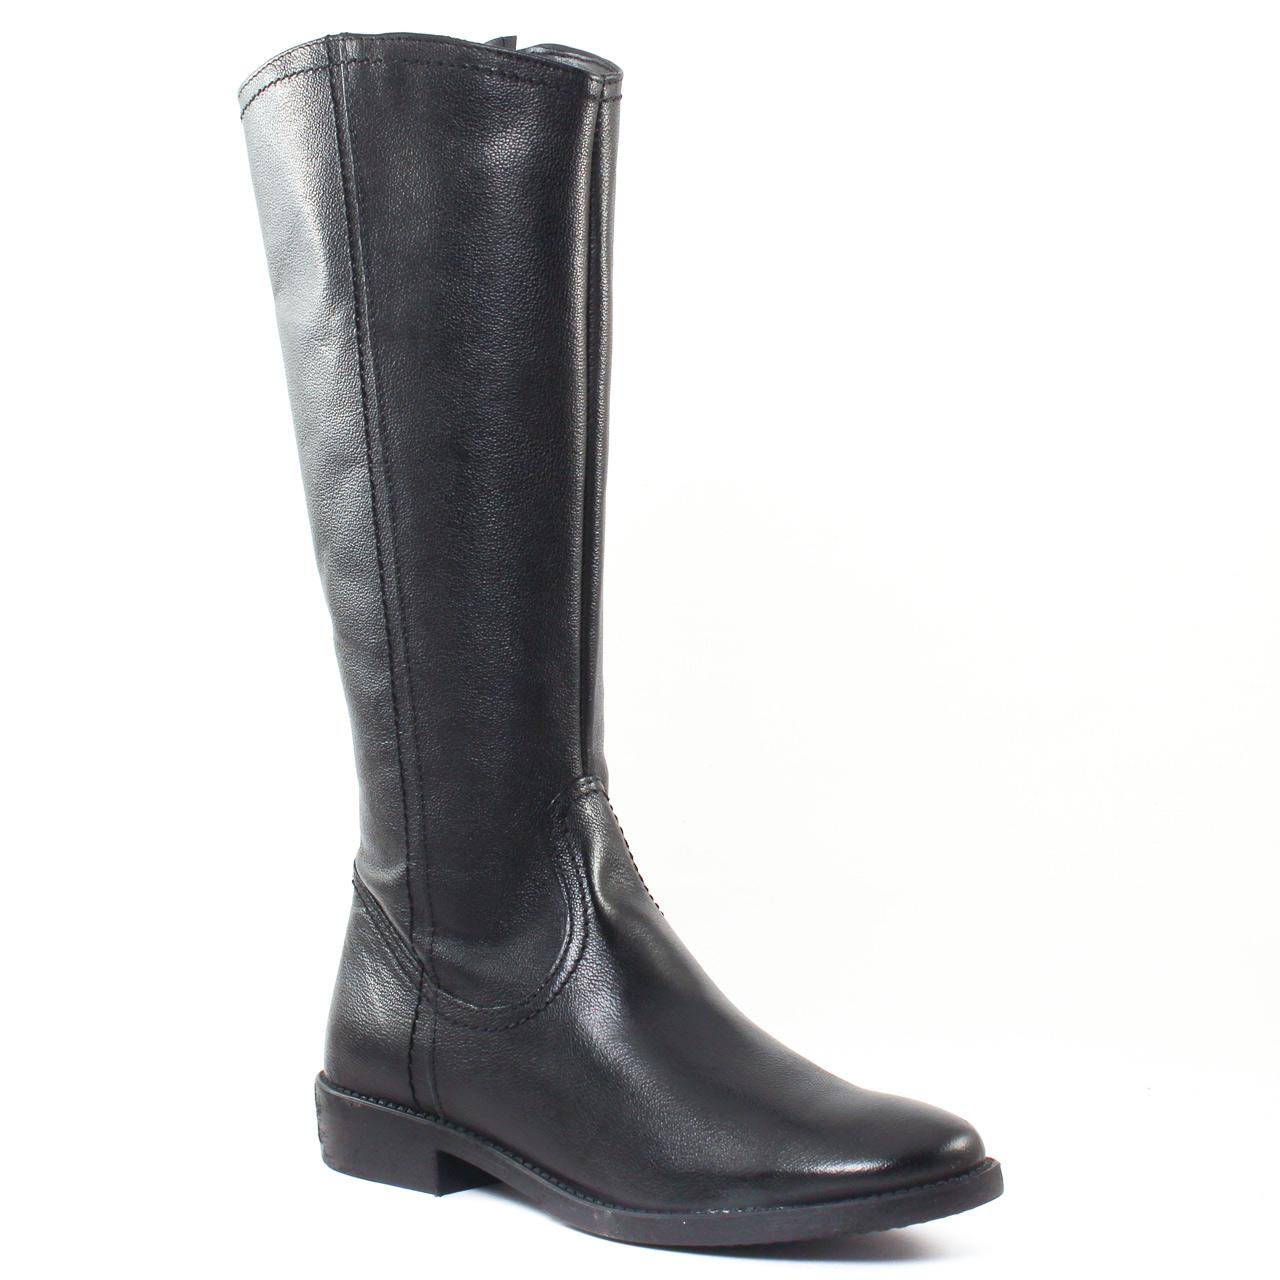 tamaris 25596 black bottes noir automne hiver chez trois par 3. Black Bedroom Furniture Sets. Home Design Ideas